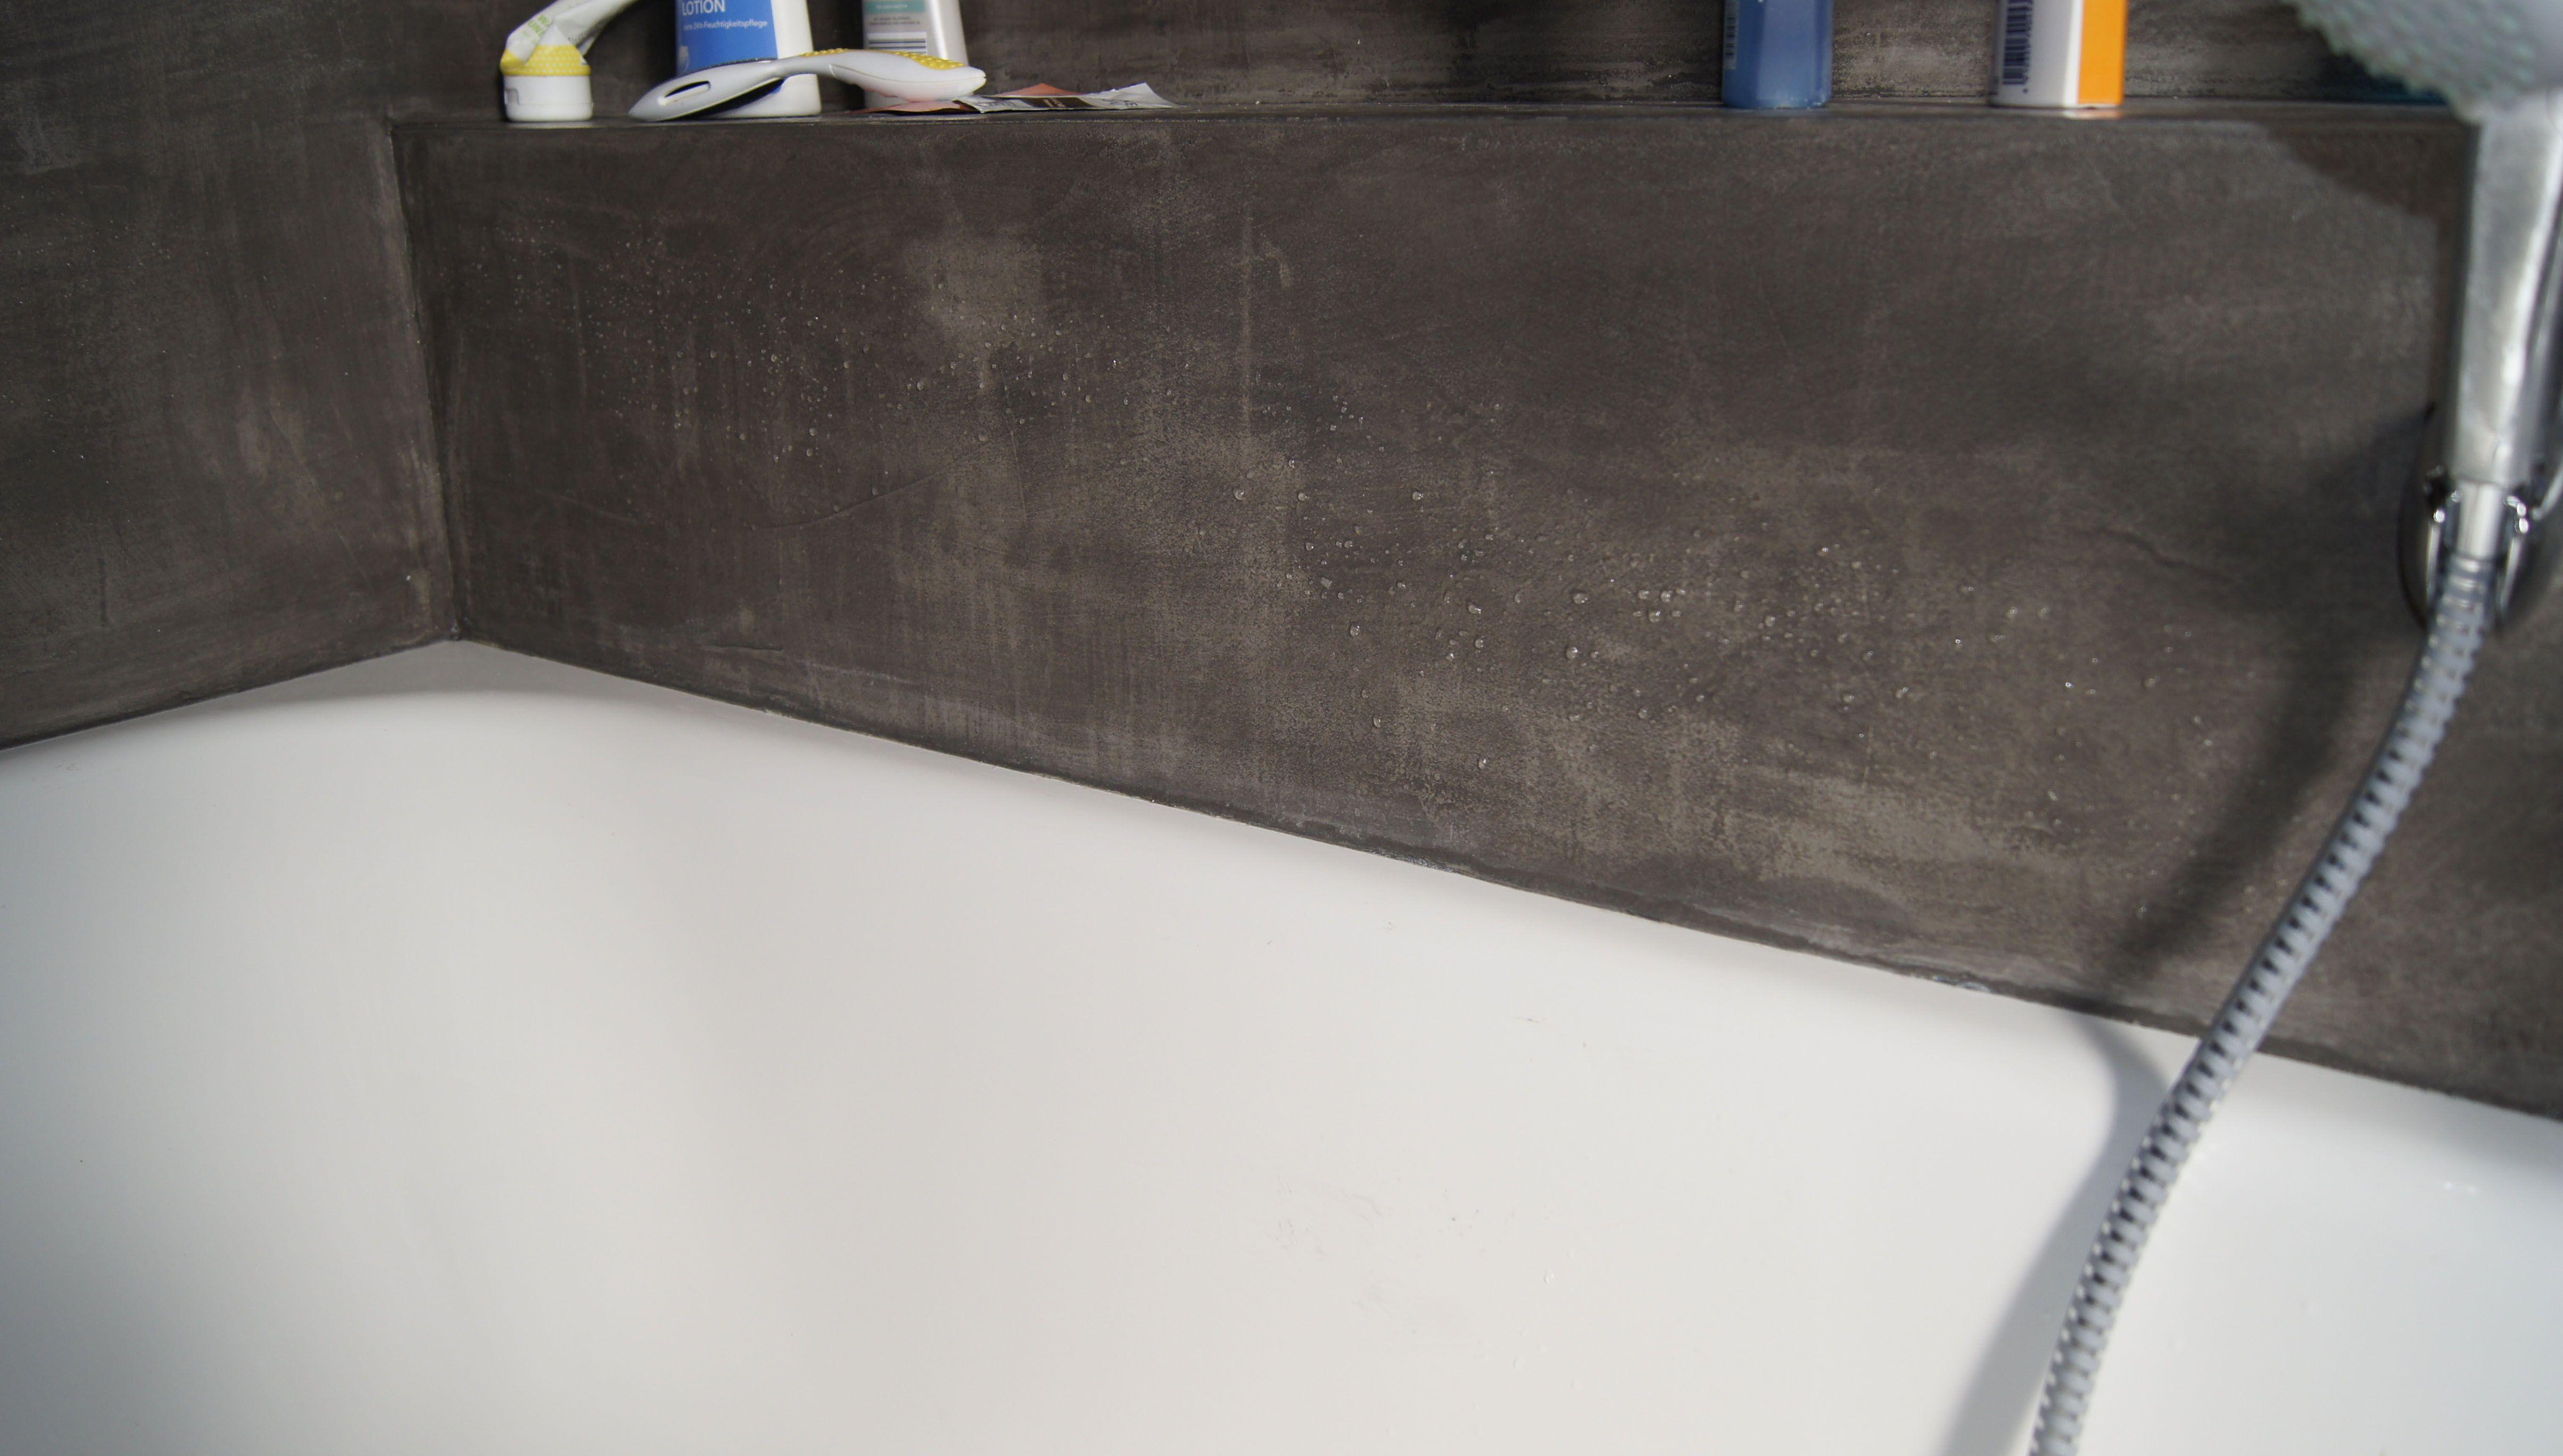 Zementbeschichtung Wand In Bad Und Dusche Wasserfest Versiegelt By Fugenlos Modern De Fugenloses Bad Bad Dusche